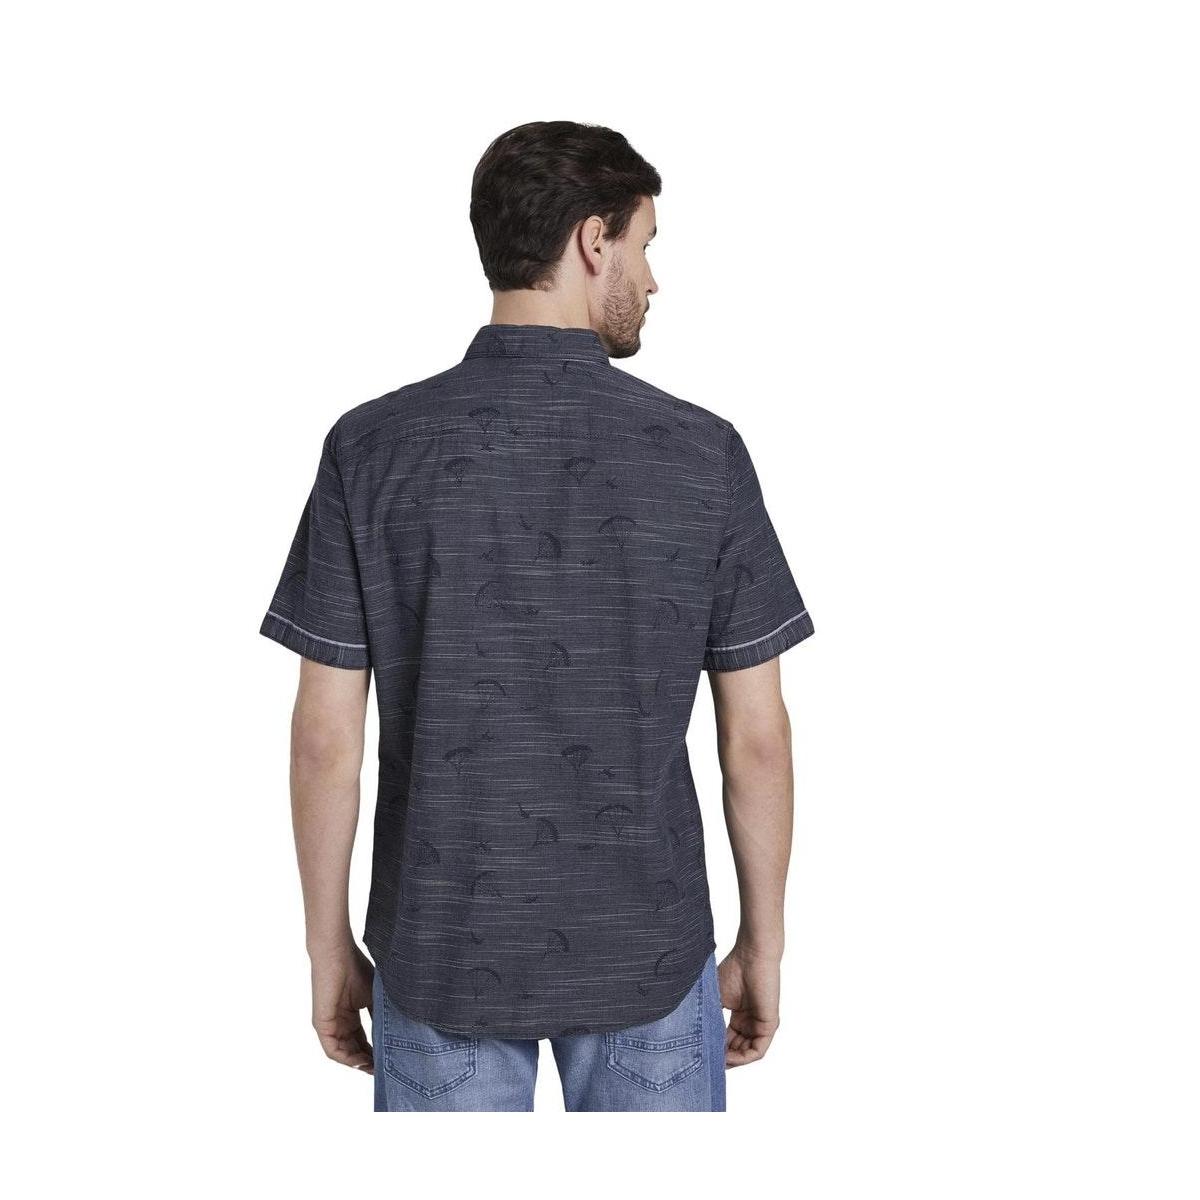 fijn gestreept shirt met korte mouwen 1017783xx10 tom tailor overhemd 22960